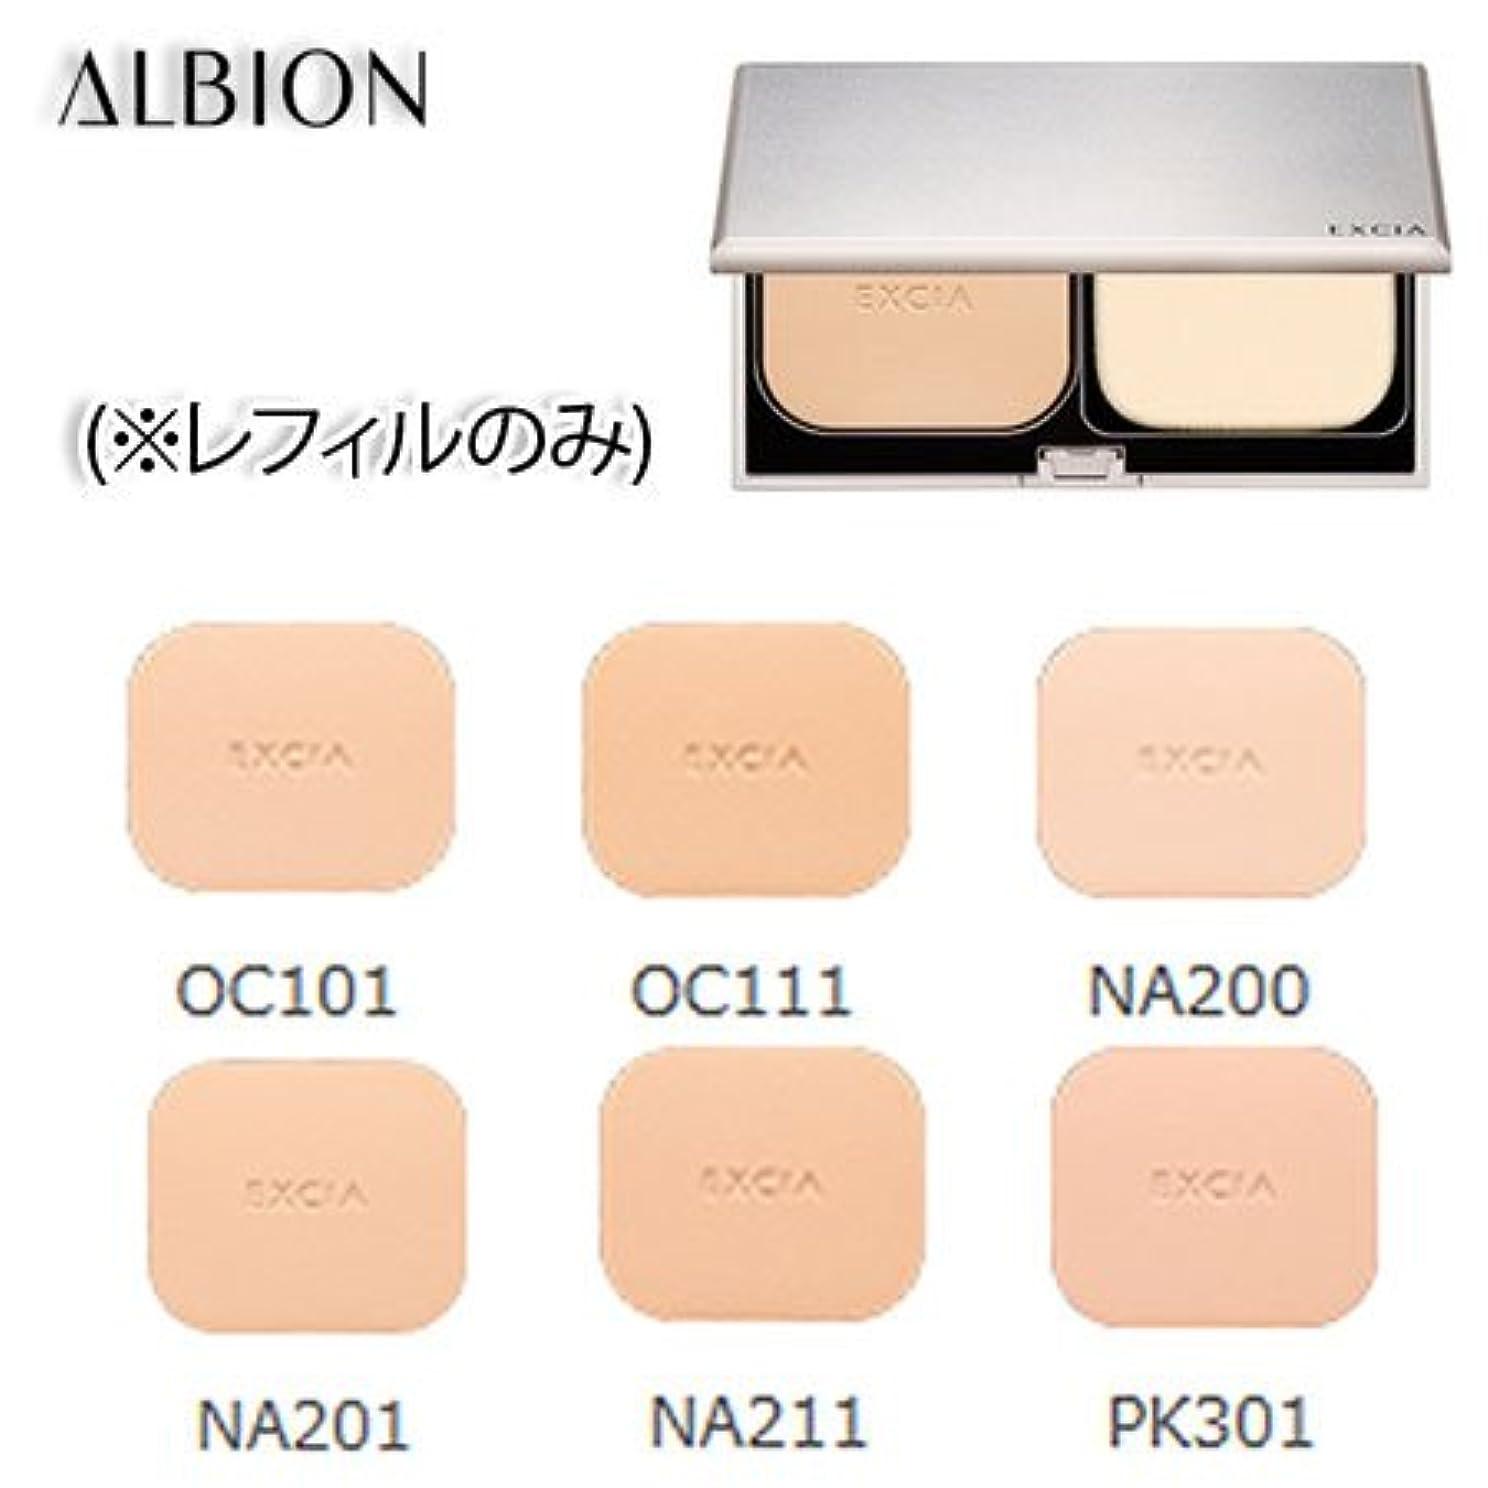 鉄道司書昼寝アルビオン エクシア AL ホワイトプレミアムパウダー ファンデーション SPF30 PA+++ 11g 6色 (レフィルのみ) -ALBION- PK301